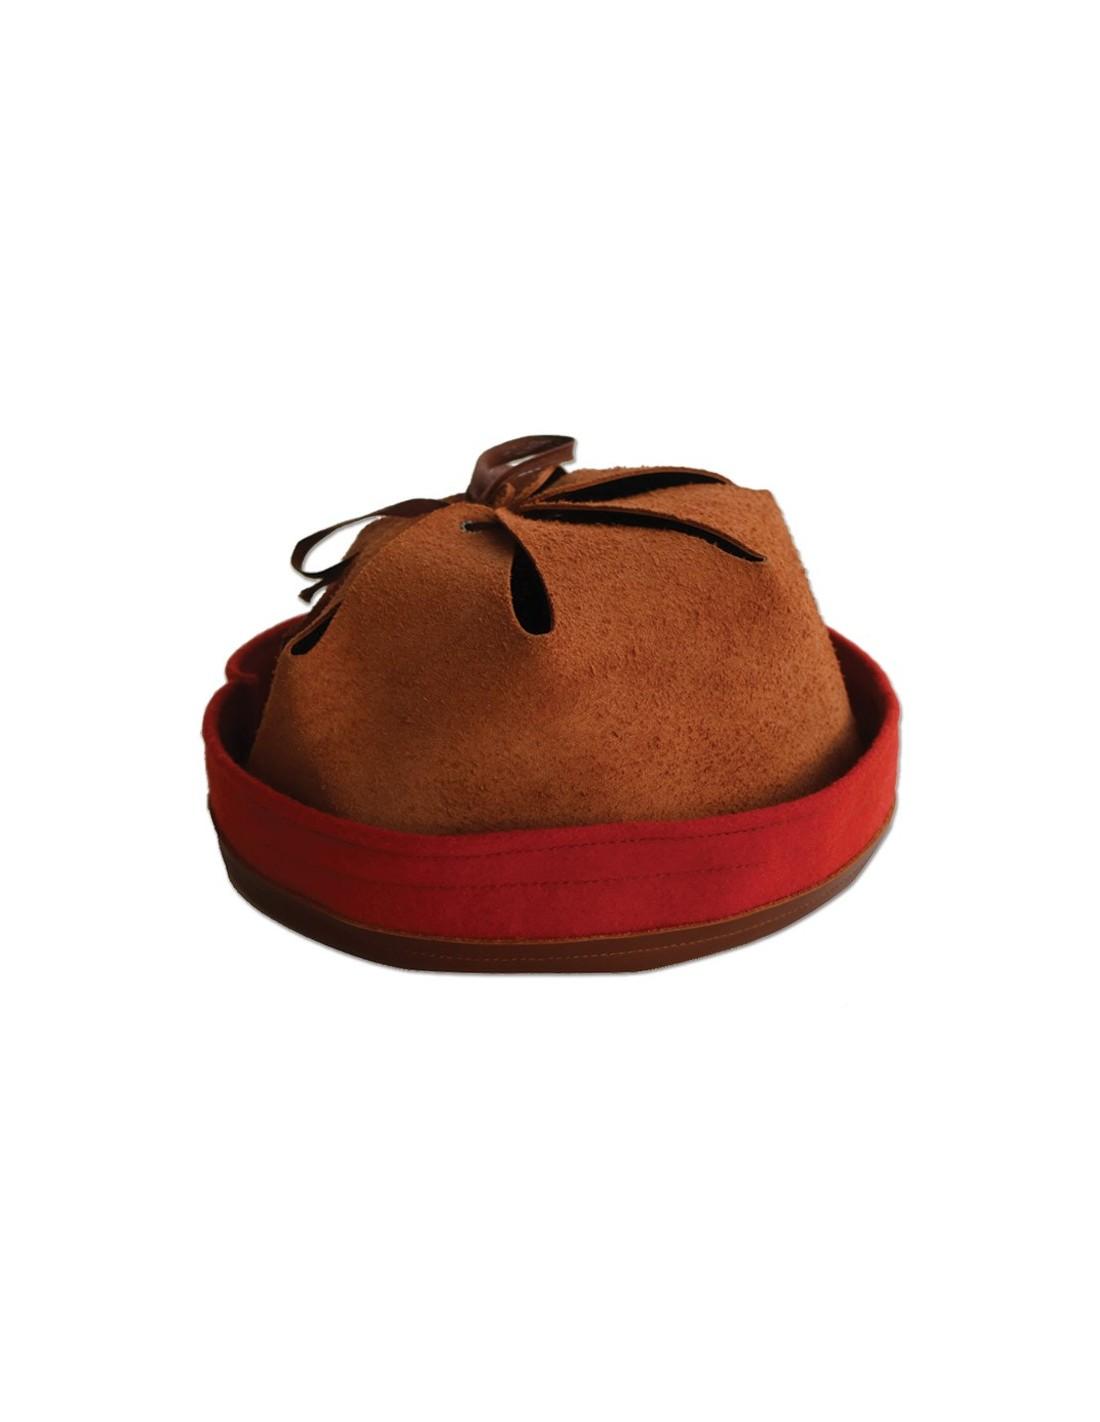 intérieur premier type en cuir marron pour casque Adrian